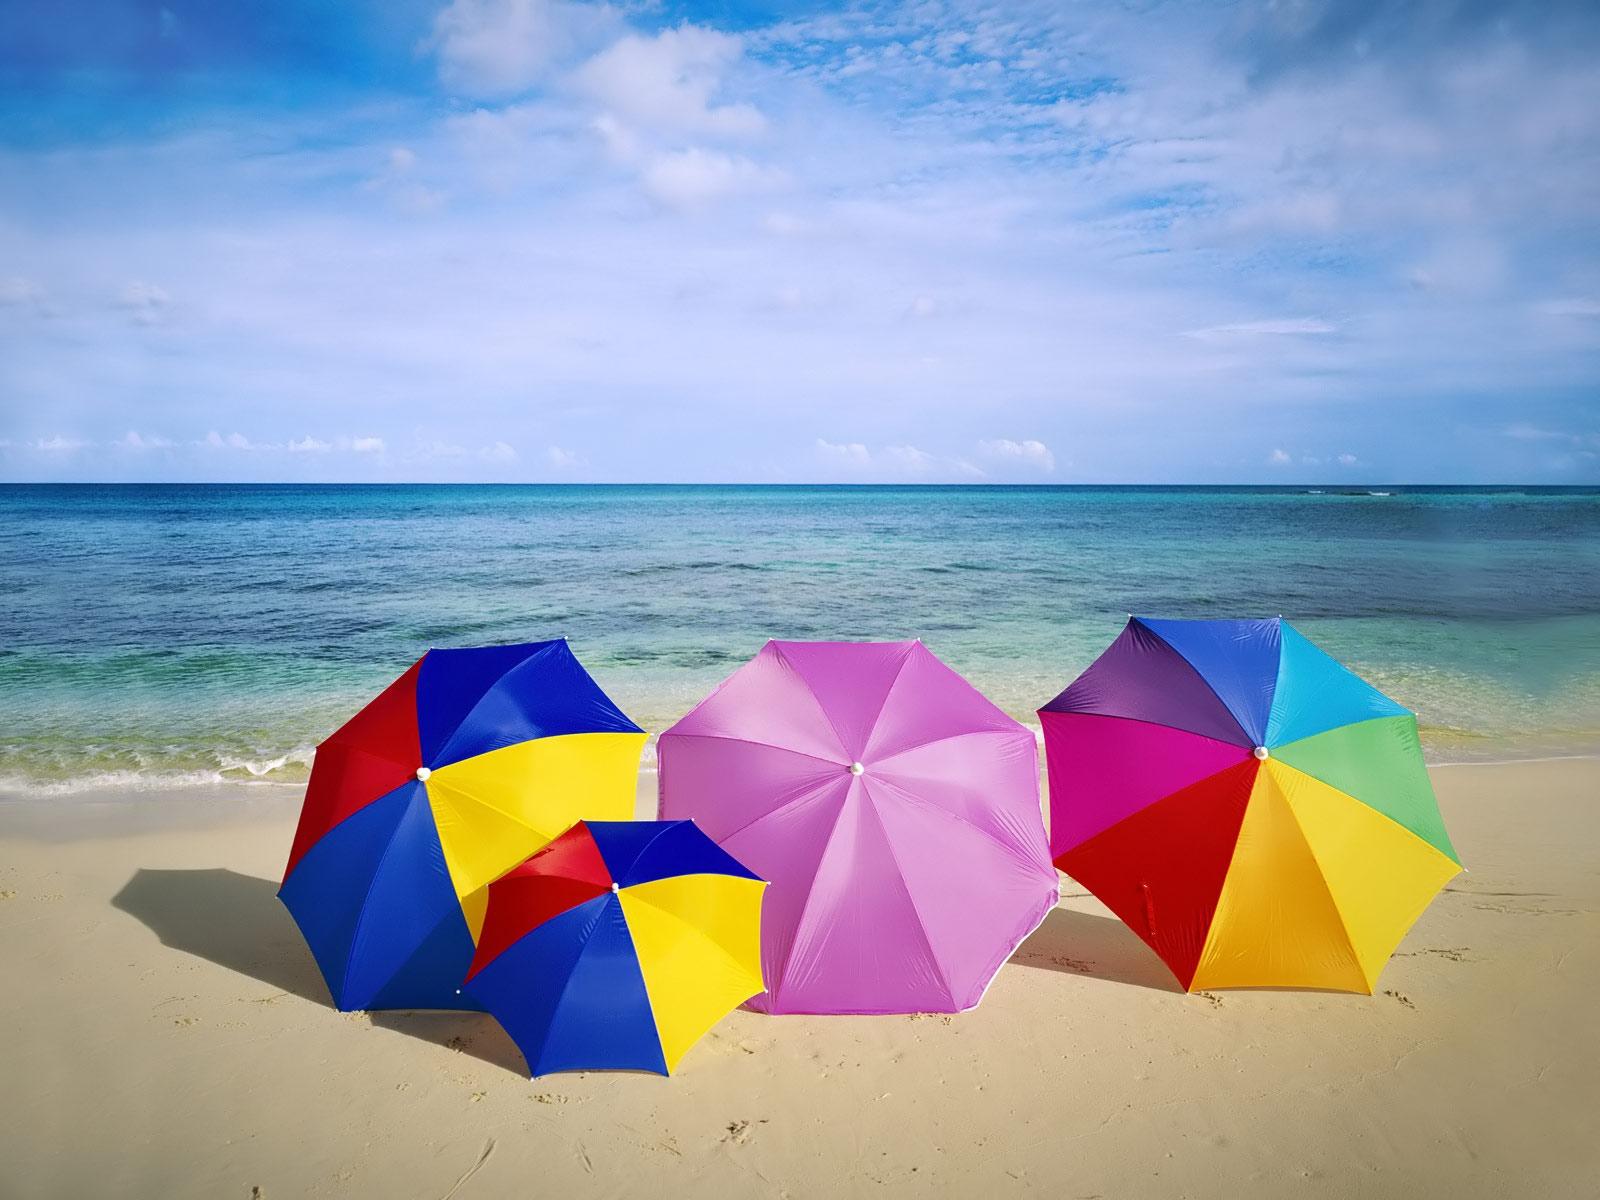 Пляж с желтыми зонтами  № 1497339 загрузить